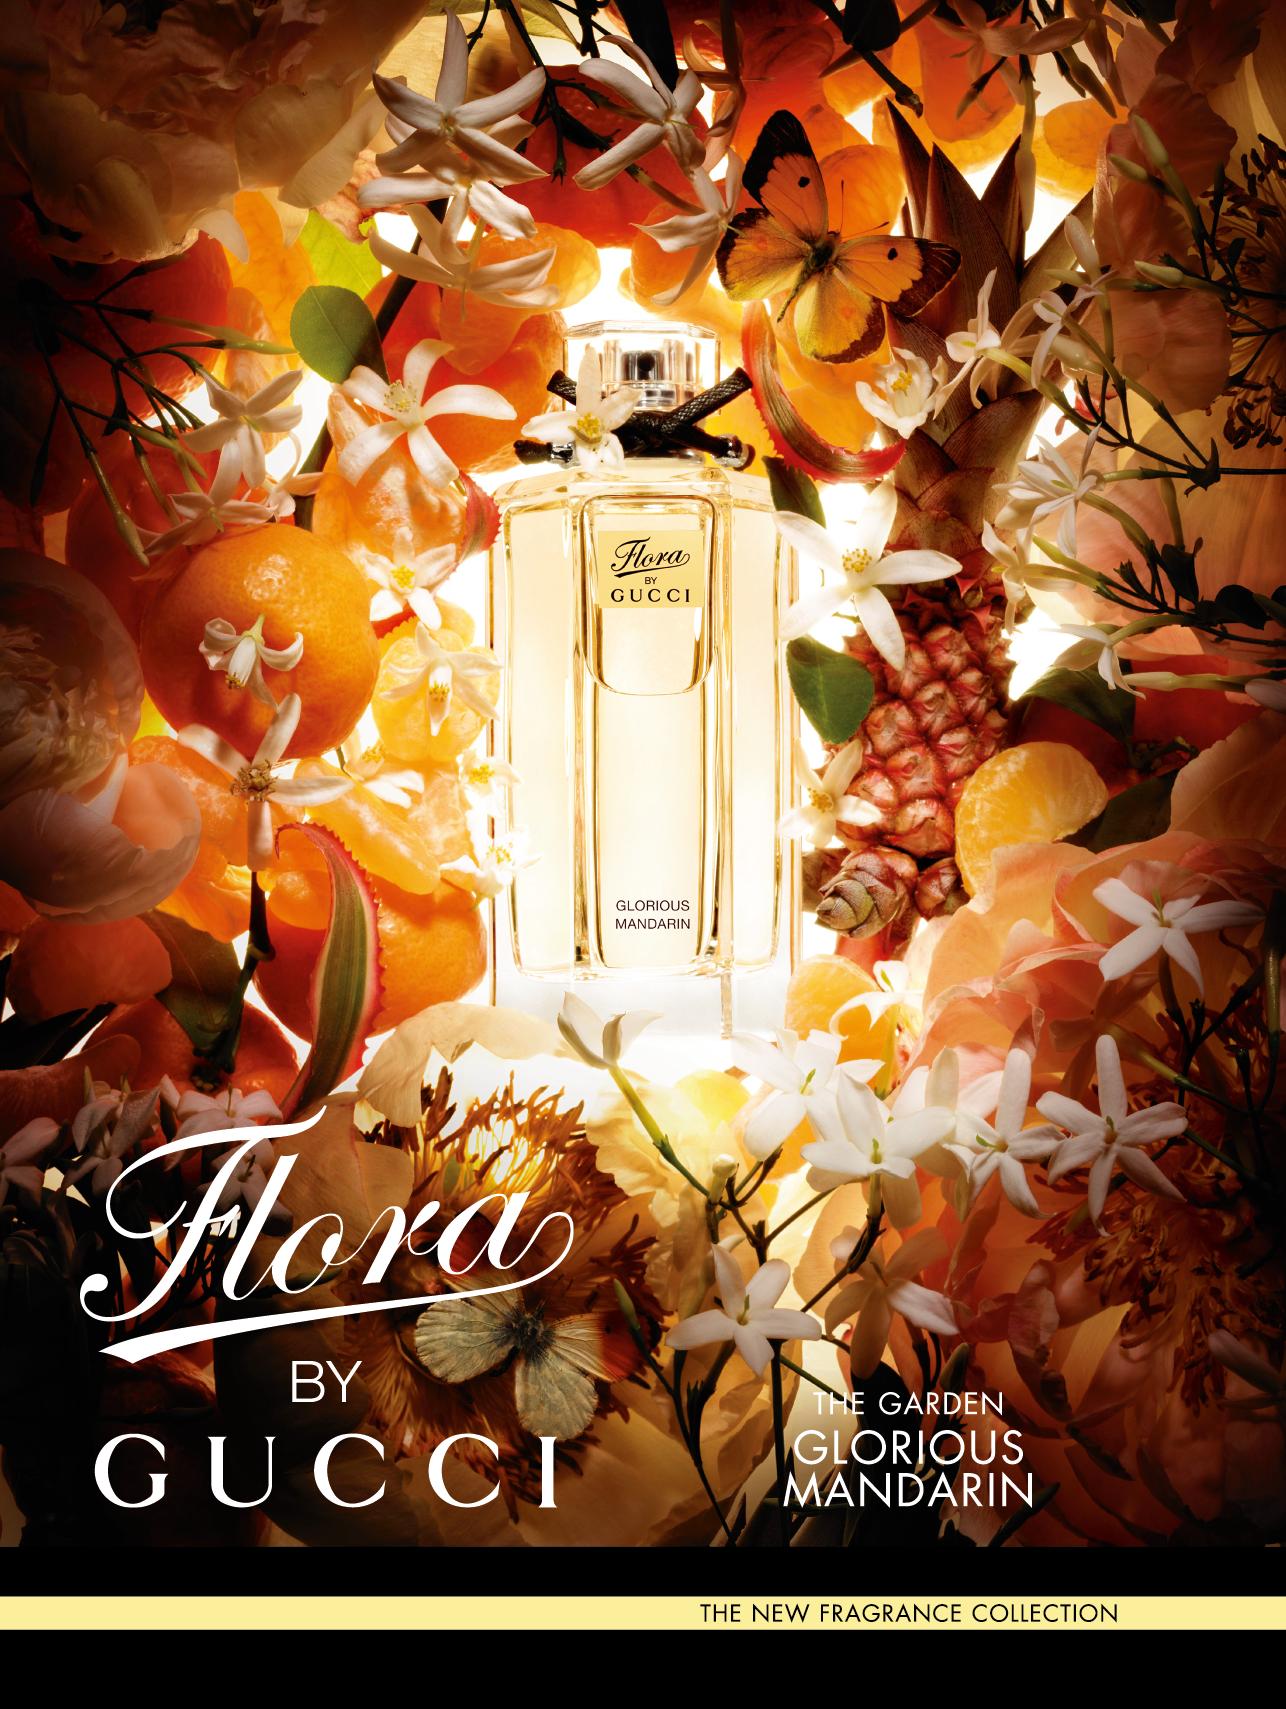 Gucci 花園香氛 絢麗‧橙 女性淡香水_產品形象圖(橫)